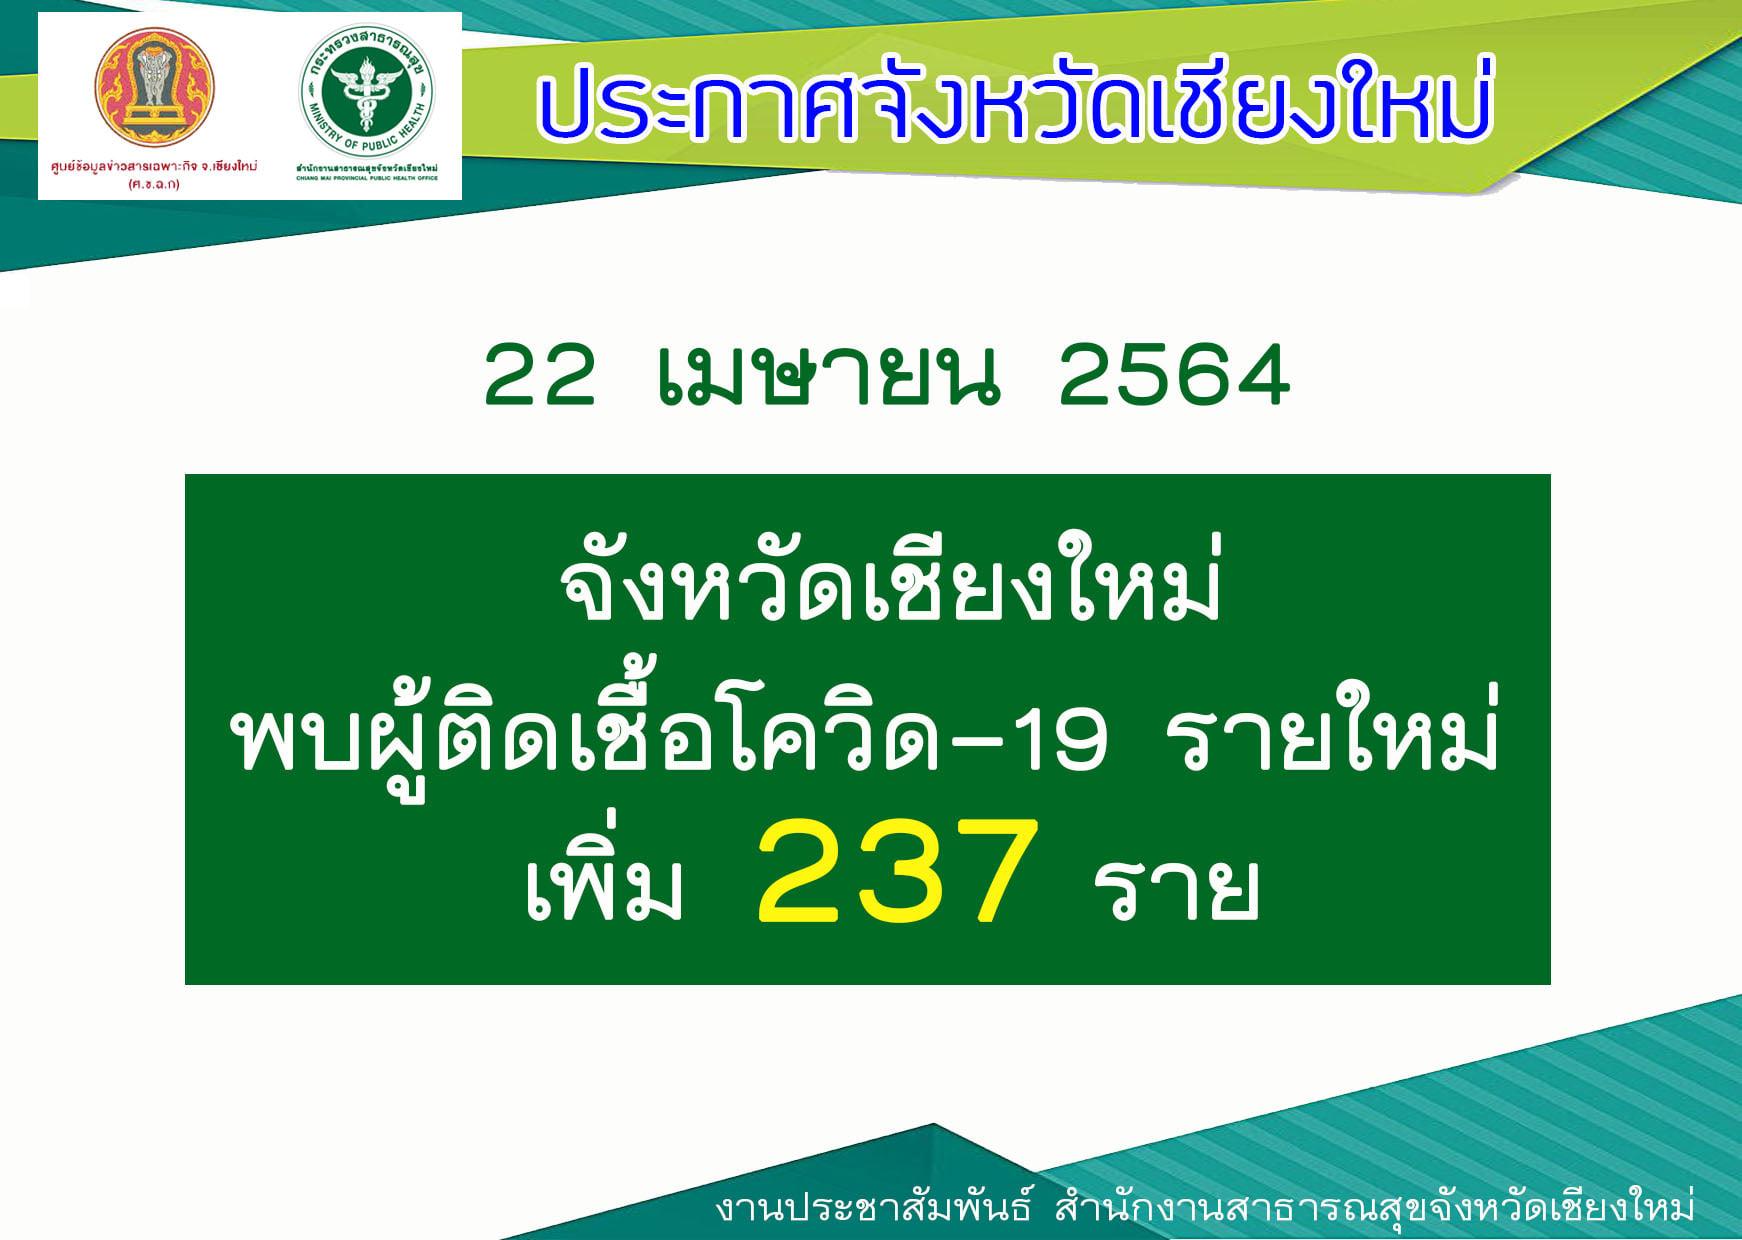 จ.เชียงใหม่ ยอดผู้ติดเชื้อ COVID-19 กลับมาพุ่งอีกครั้ง 237 ราย   ประชาไท  Prachatai.com